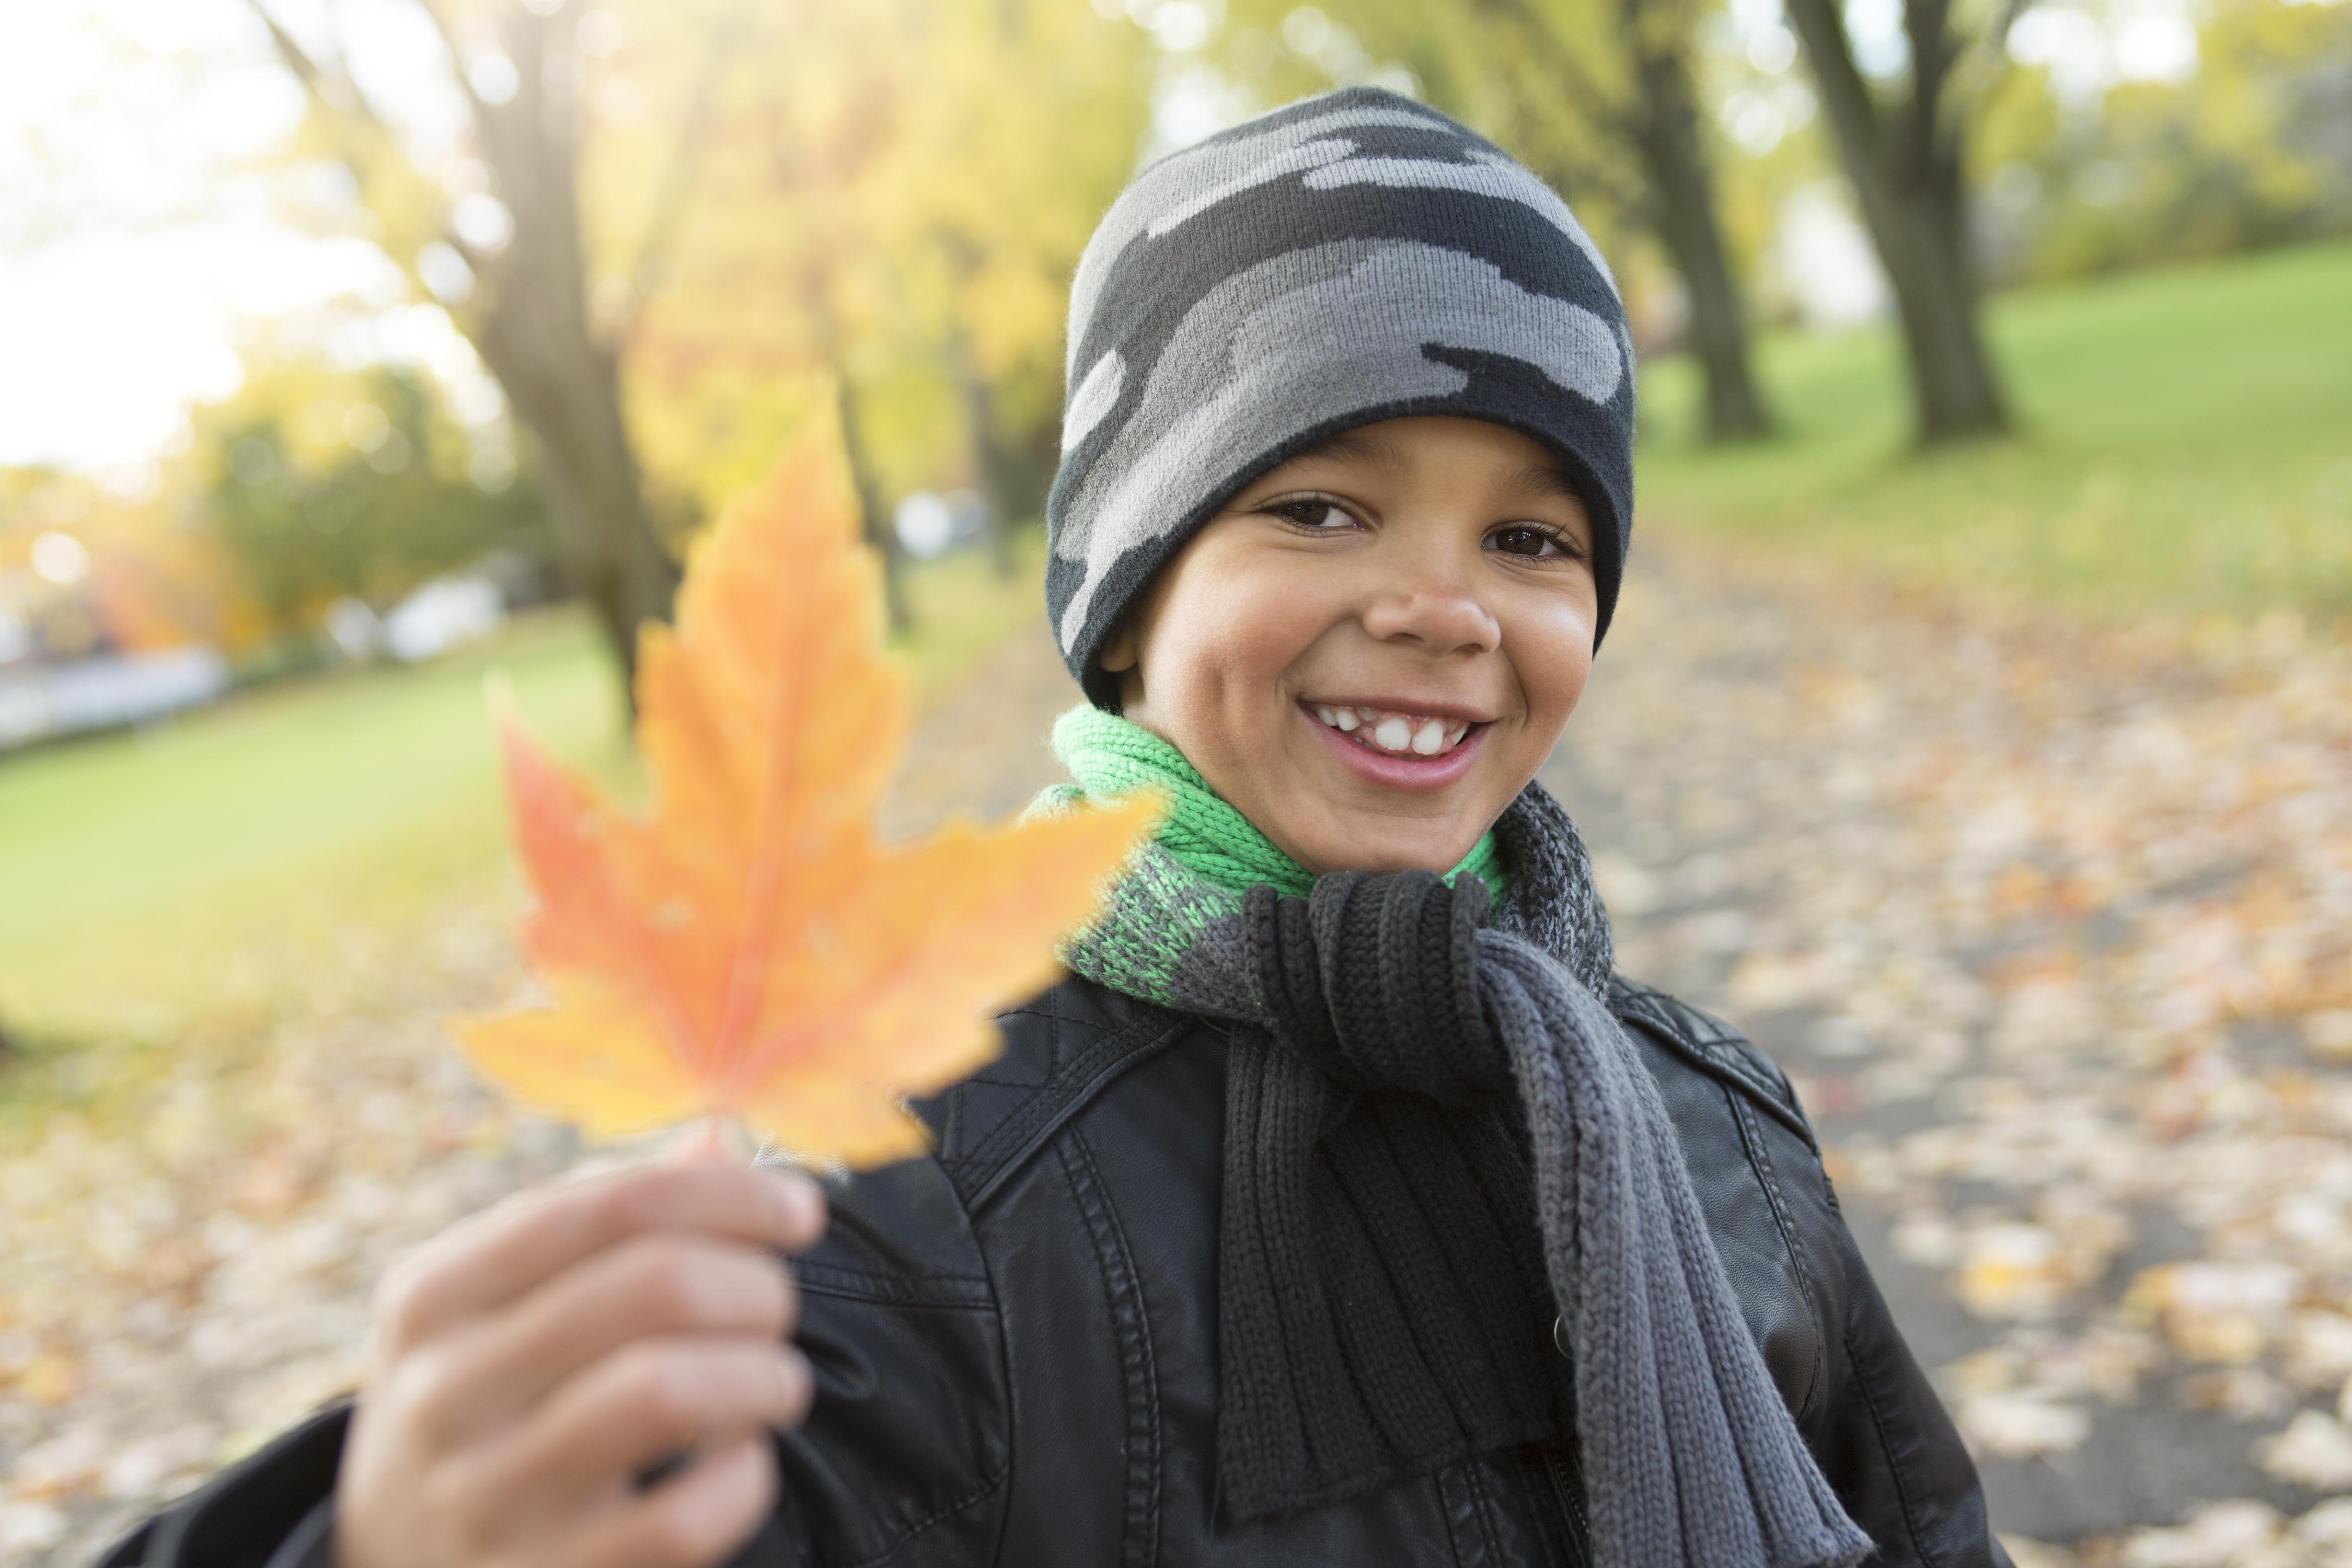 under intervjuerna framkom att det finns en komplexitet i hur unga pojkar uppfattar, upplever, hanterar och värderar hälsa.